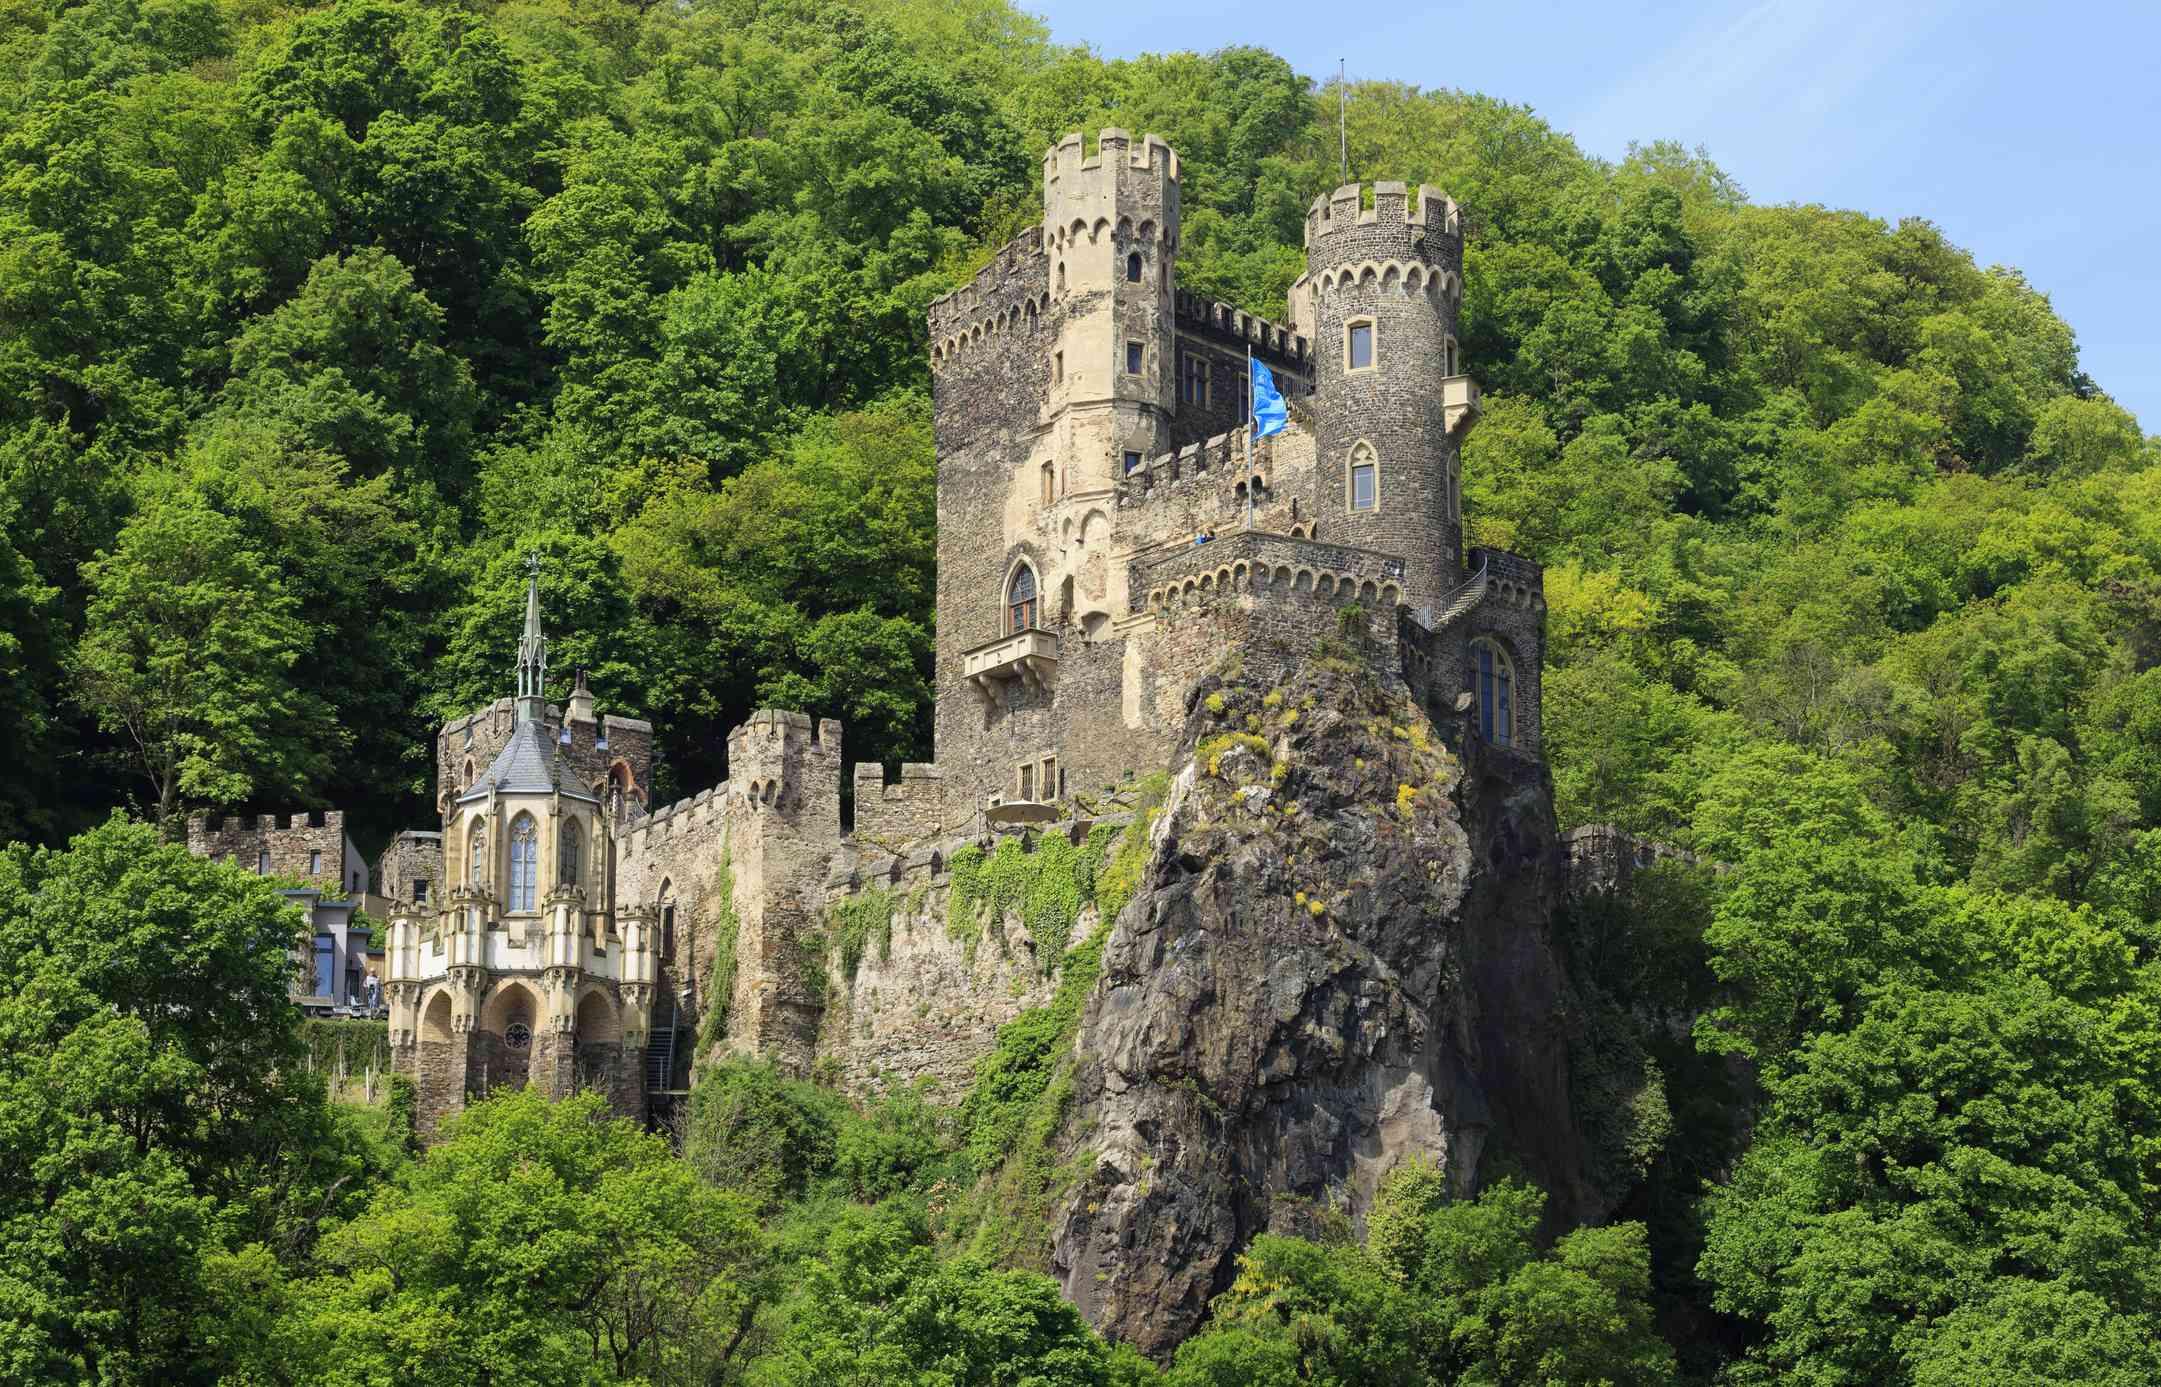 Burg Rheinstein, a 14th century fortification on the Rhine Gorge, Germany